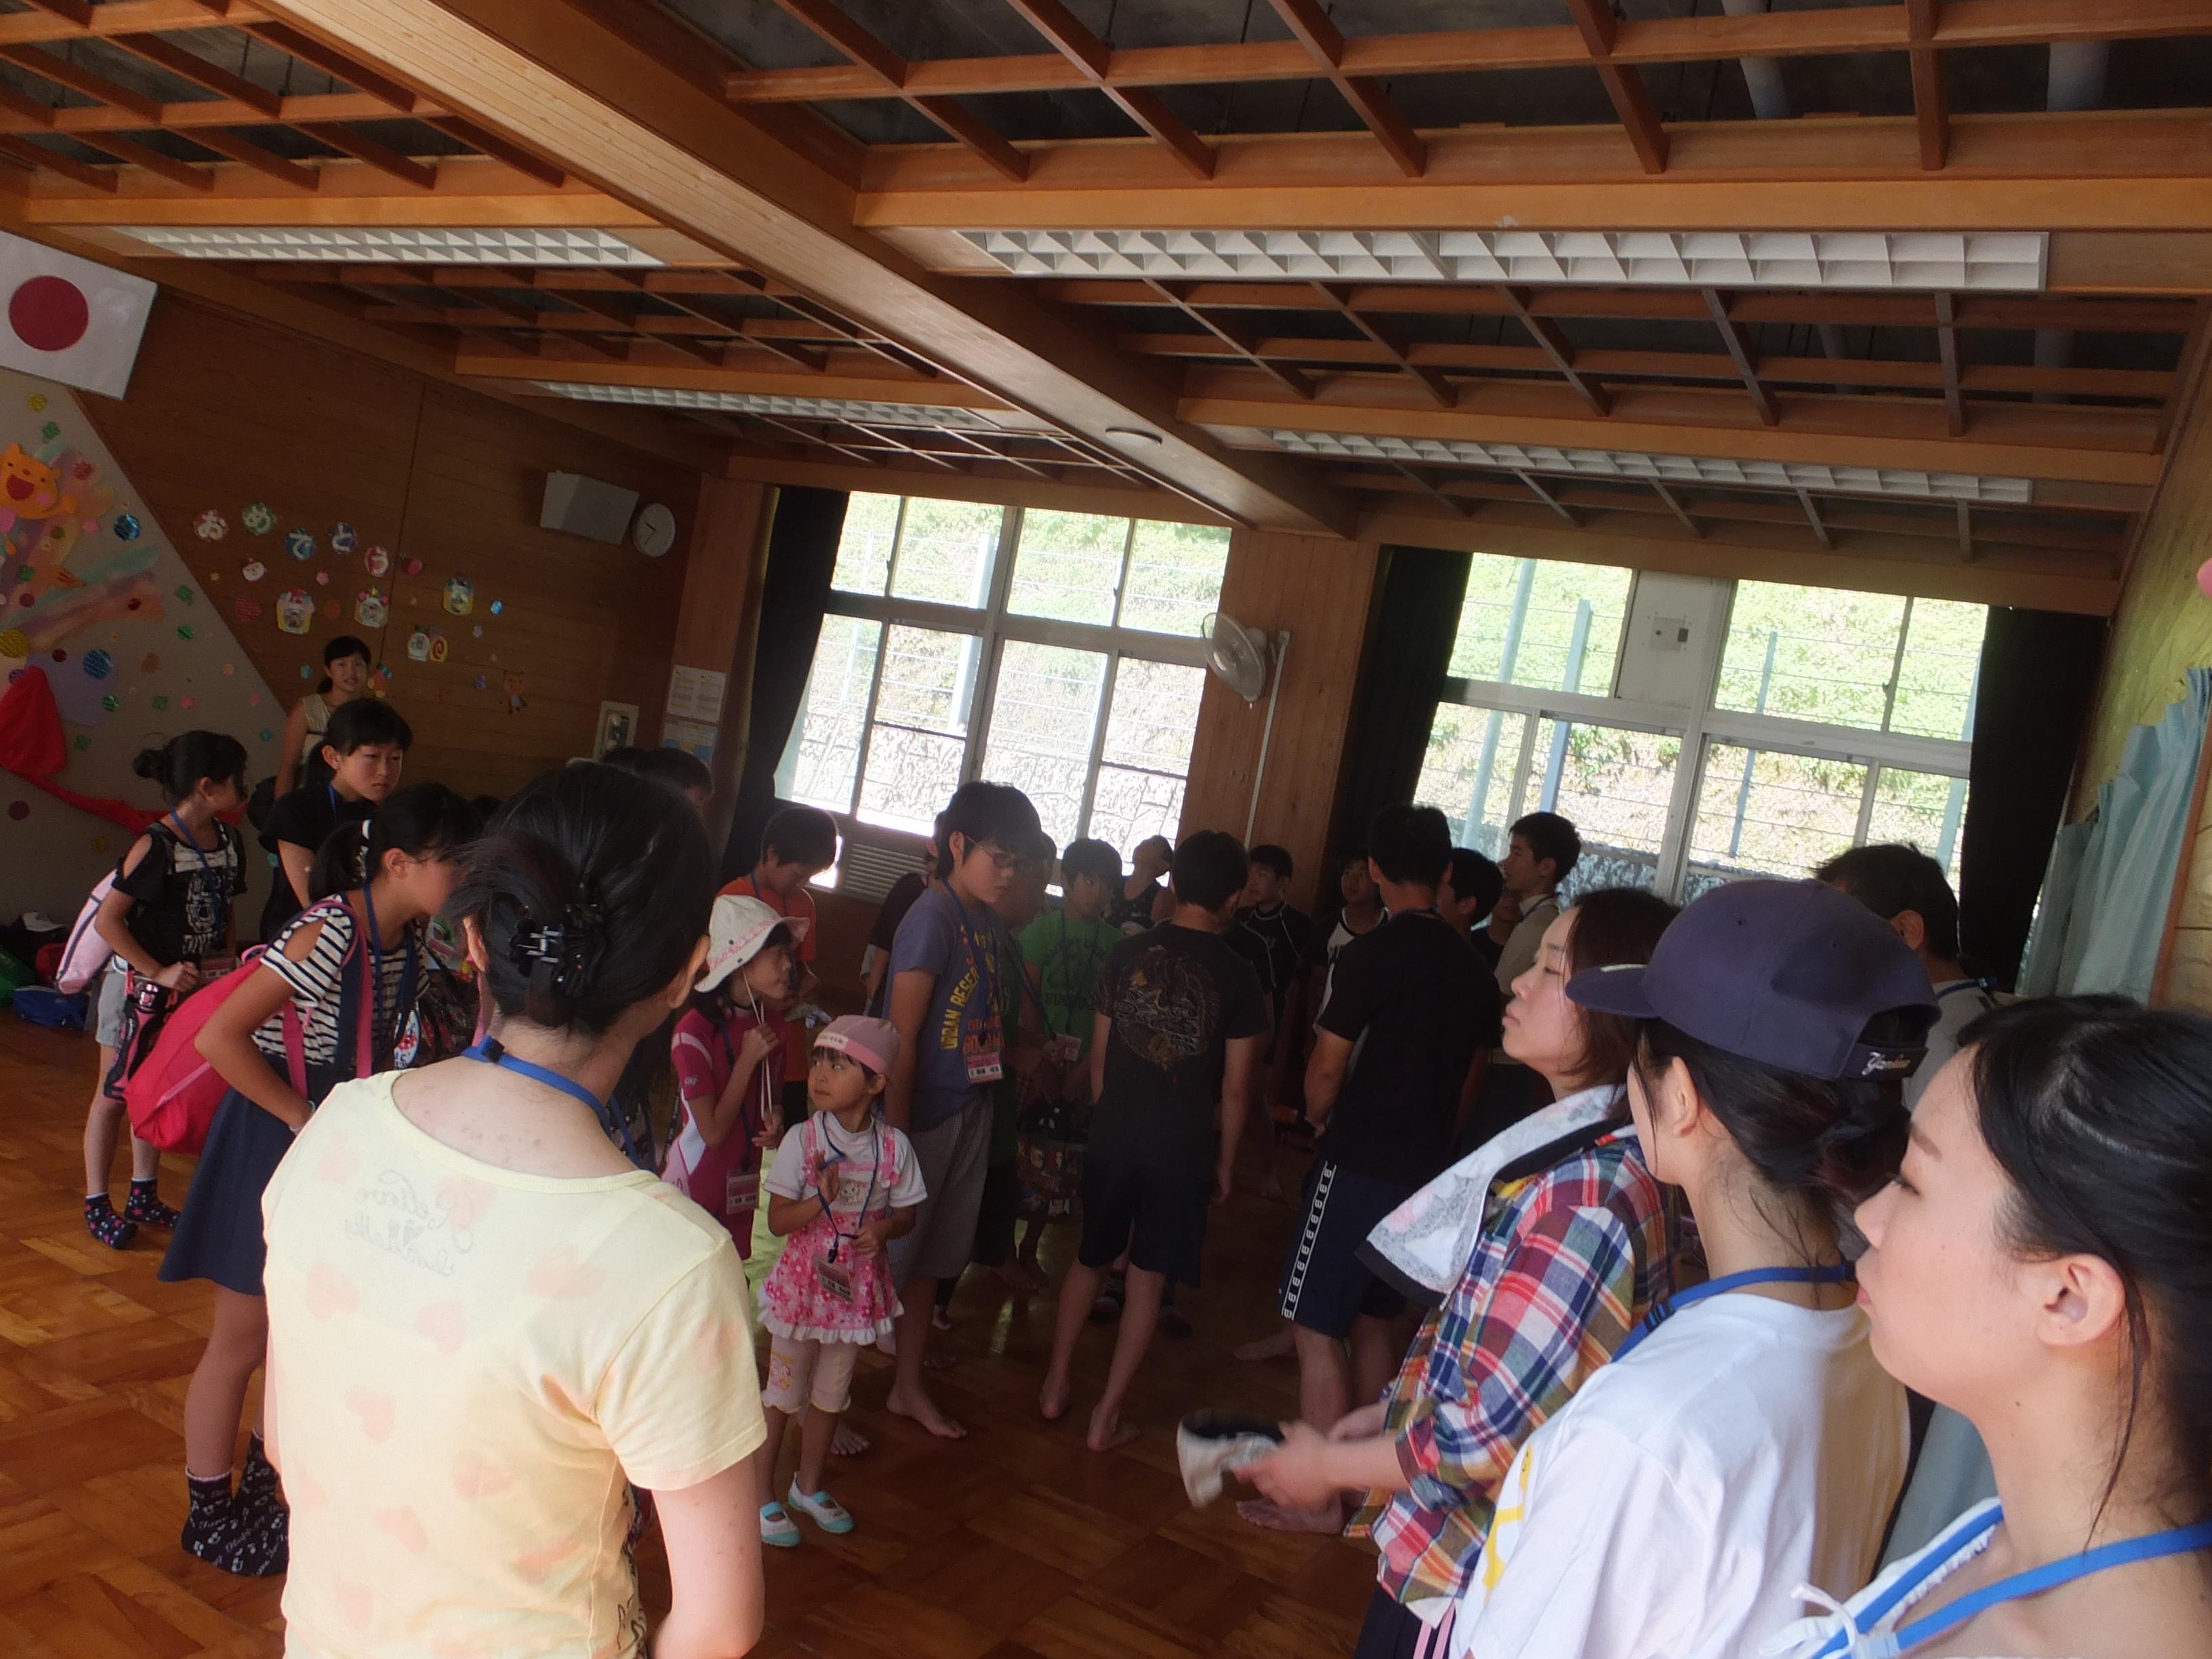 http://www.jindai.ac.jp/blog/HP6_0811.JPG